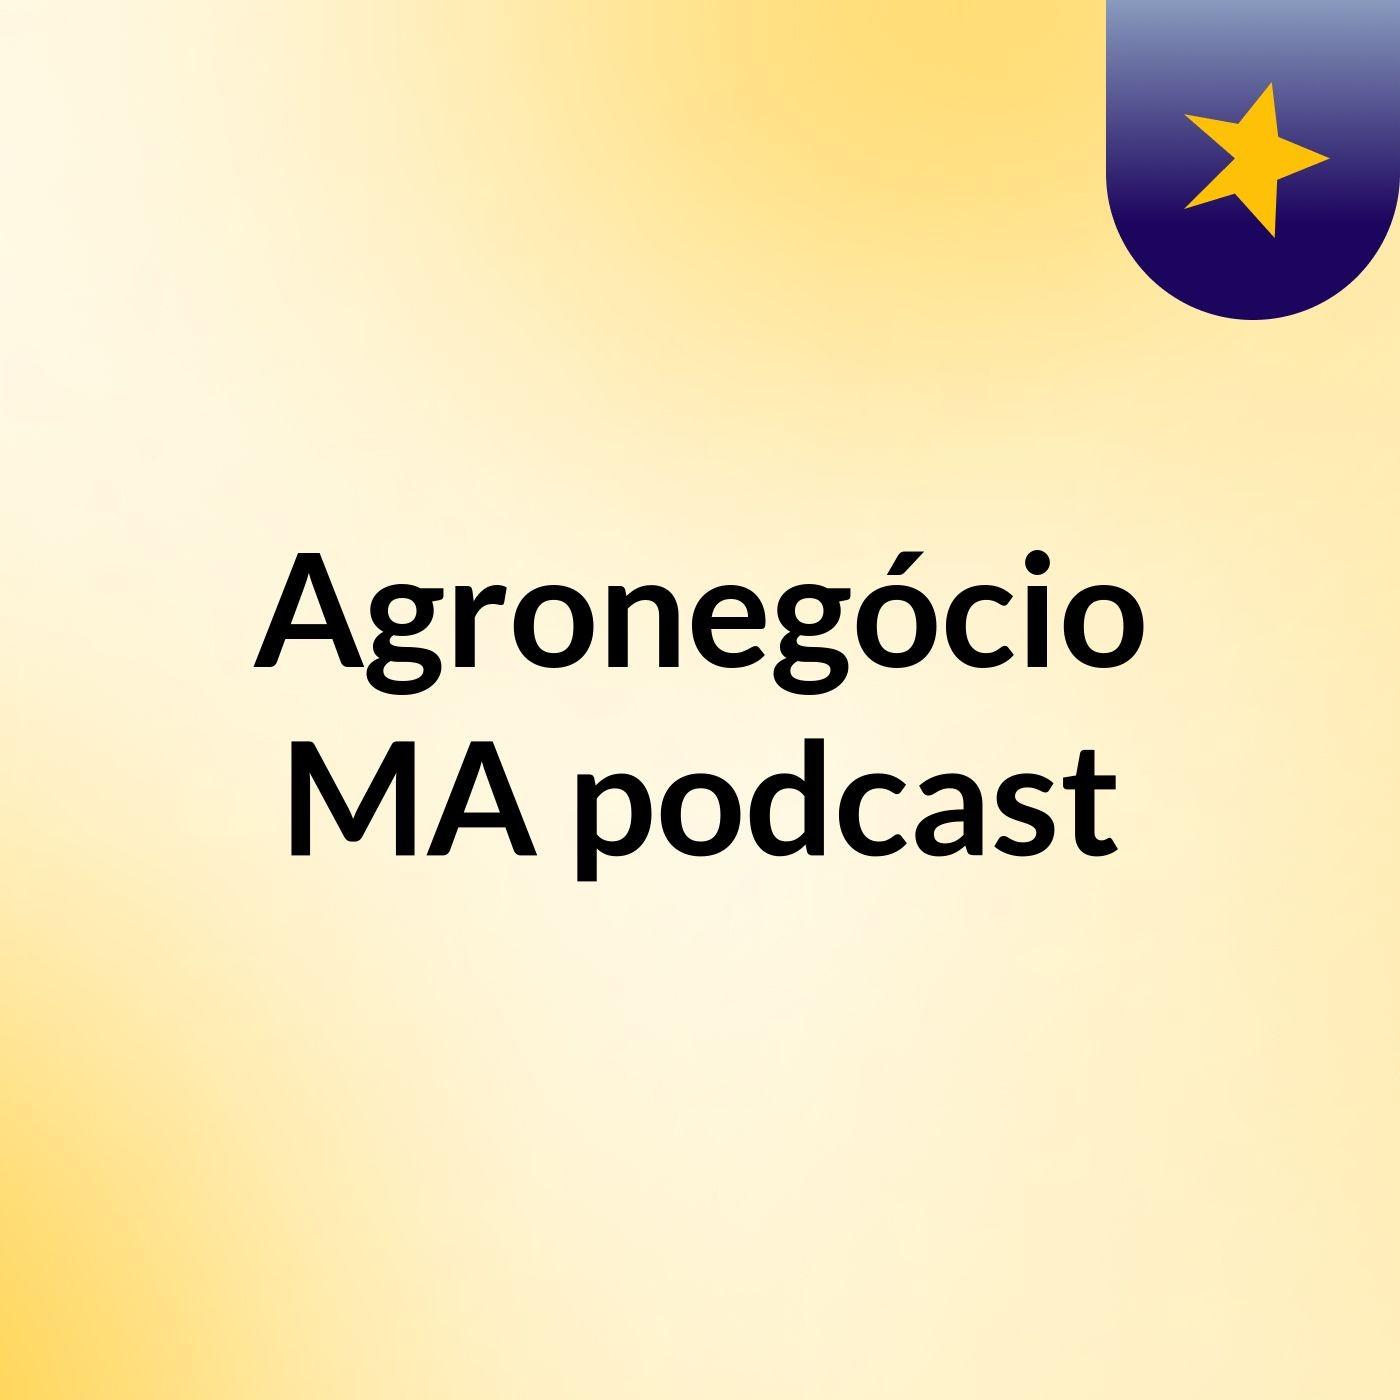 Episódio 5 - Maranhão dobra a produção nos últimos anos